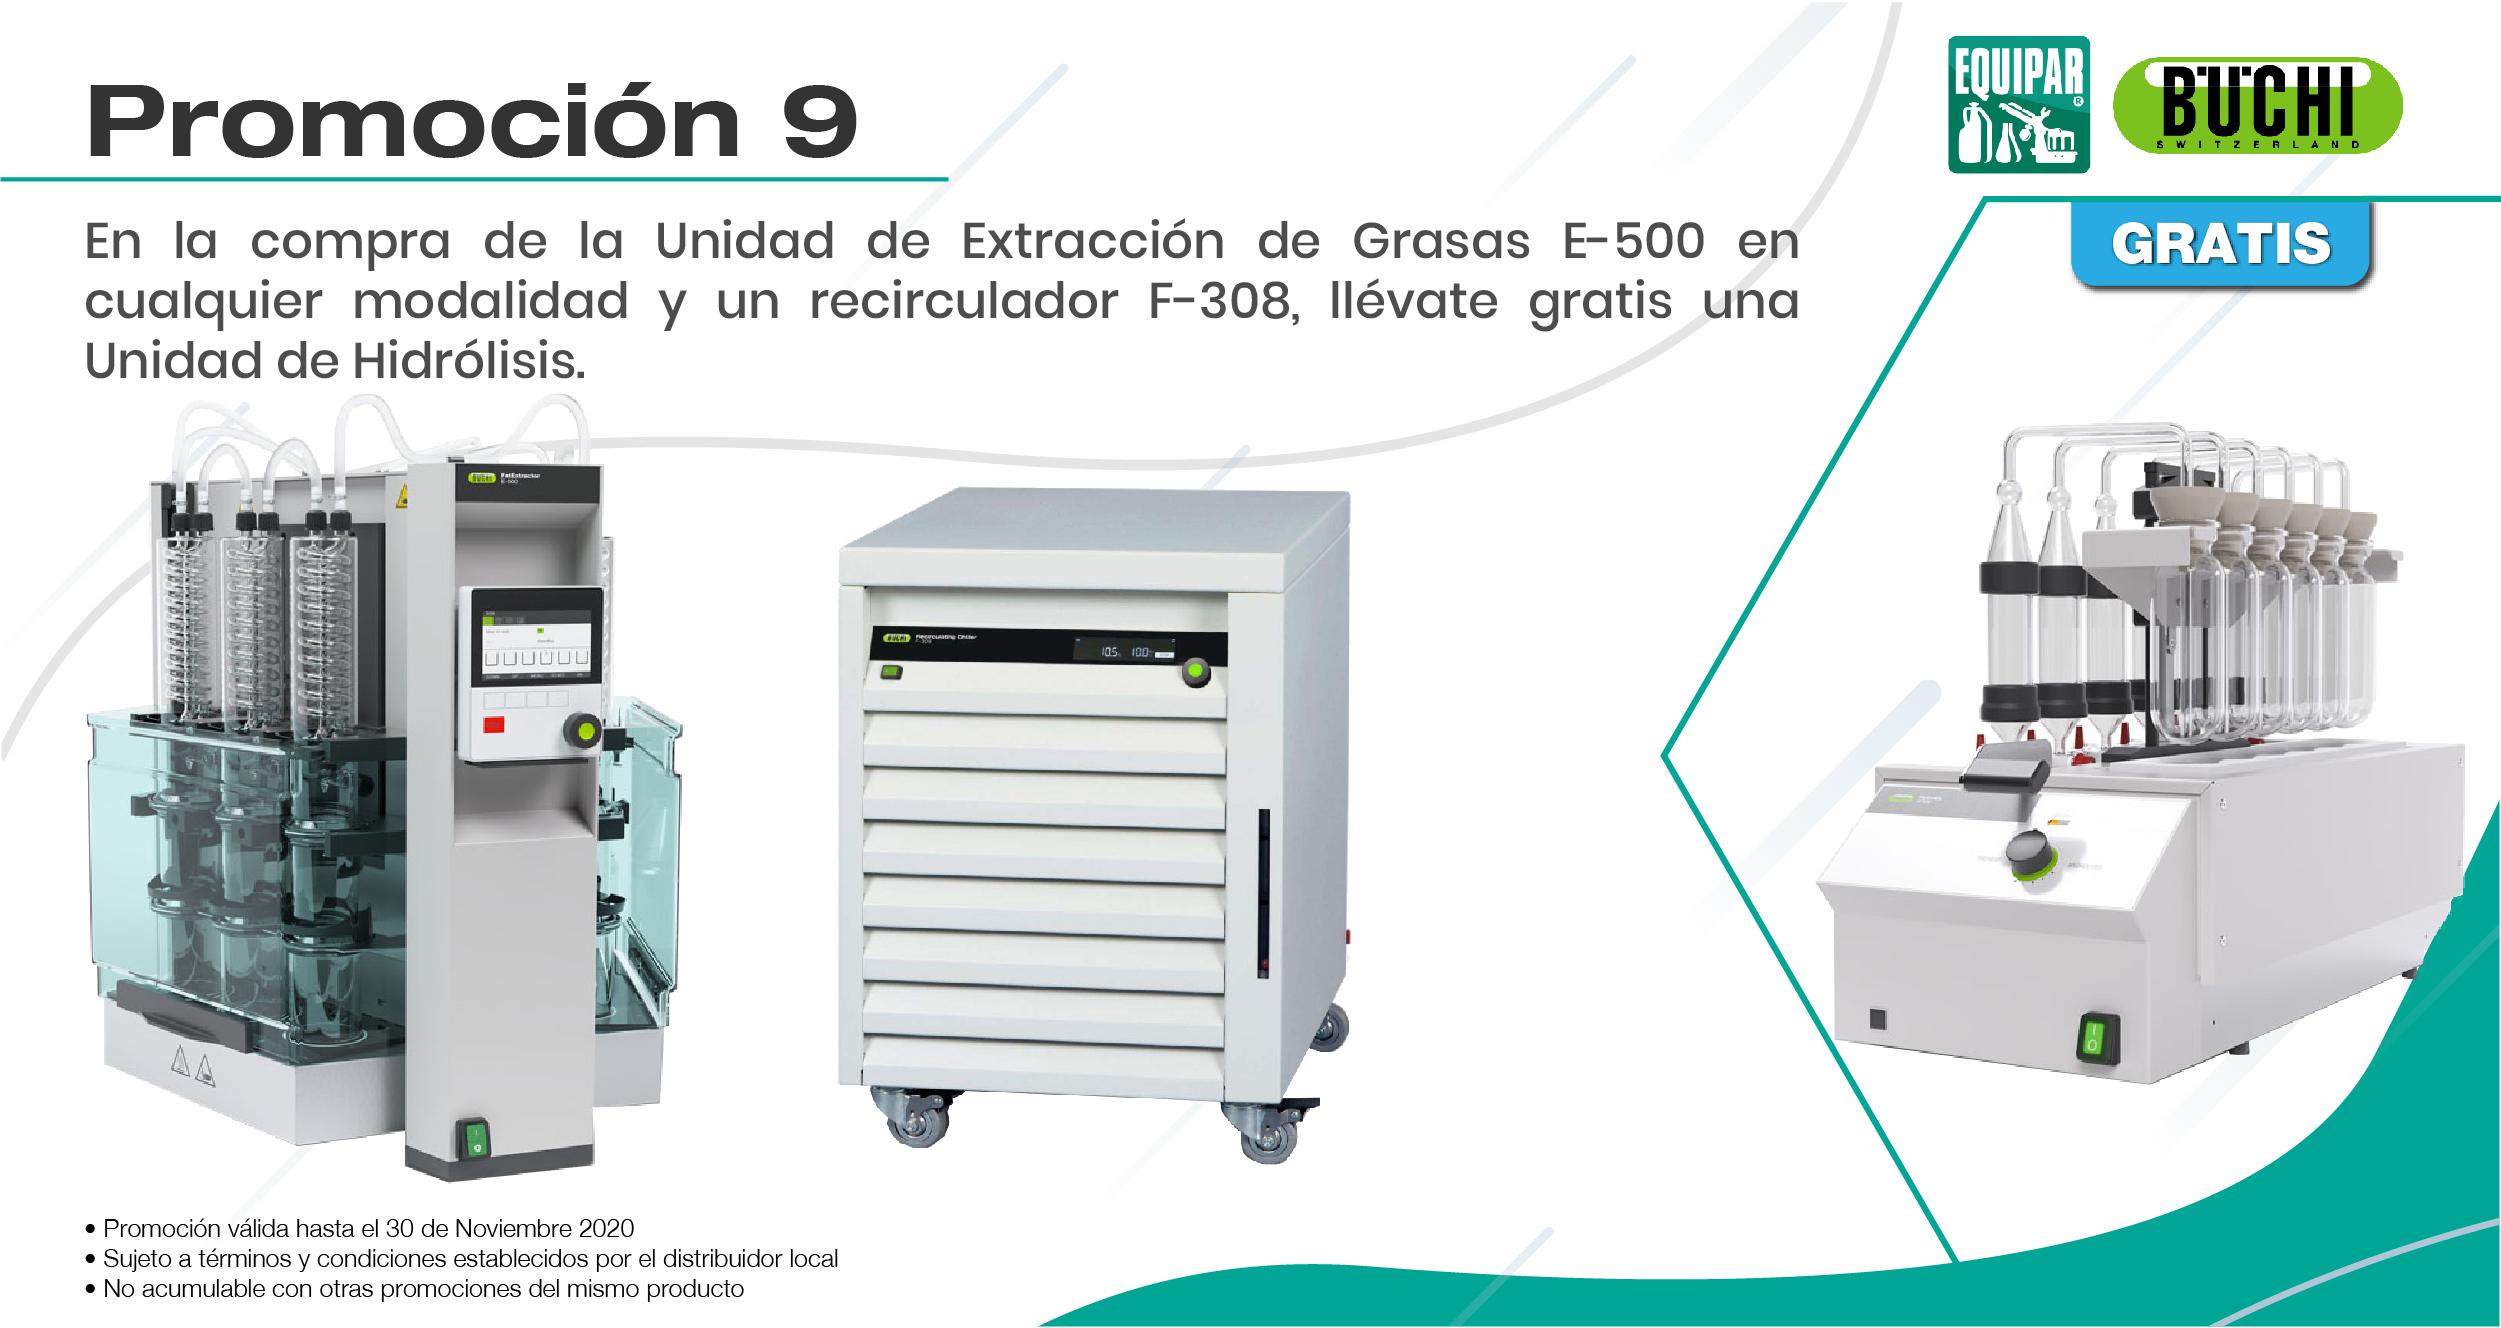 Unidad de Extracción de Grasas E-500 II Image